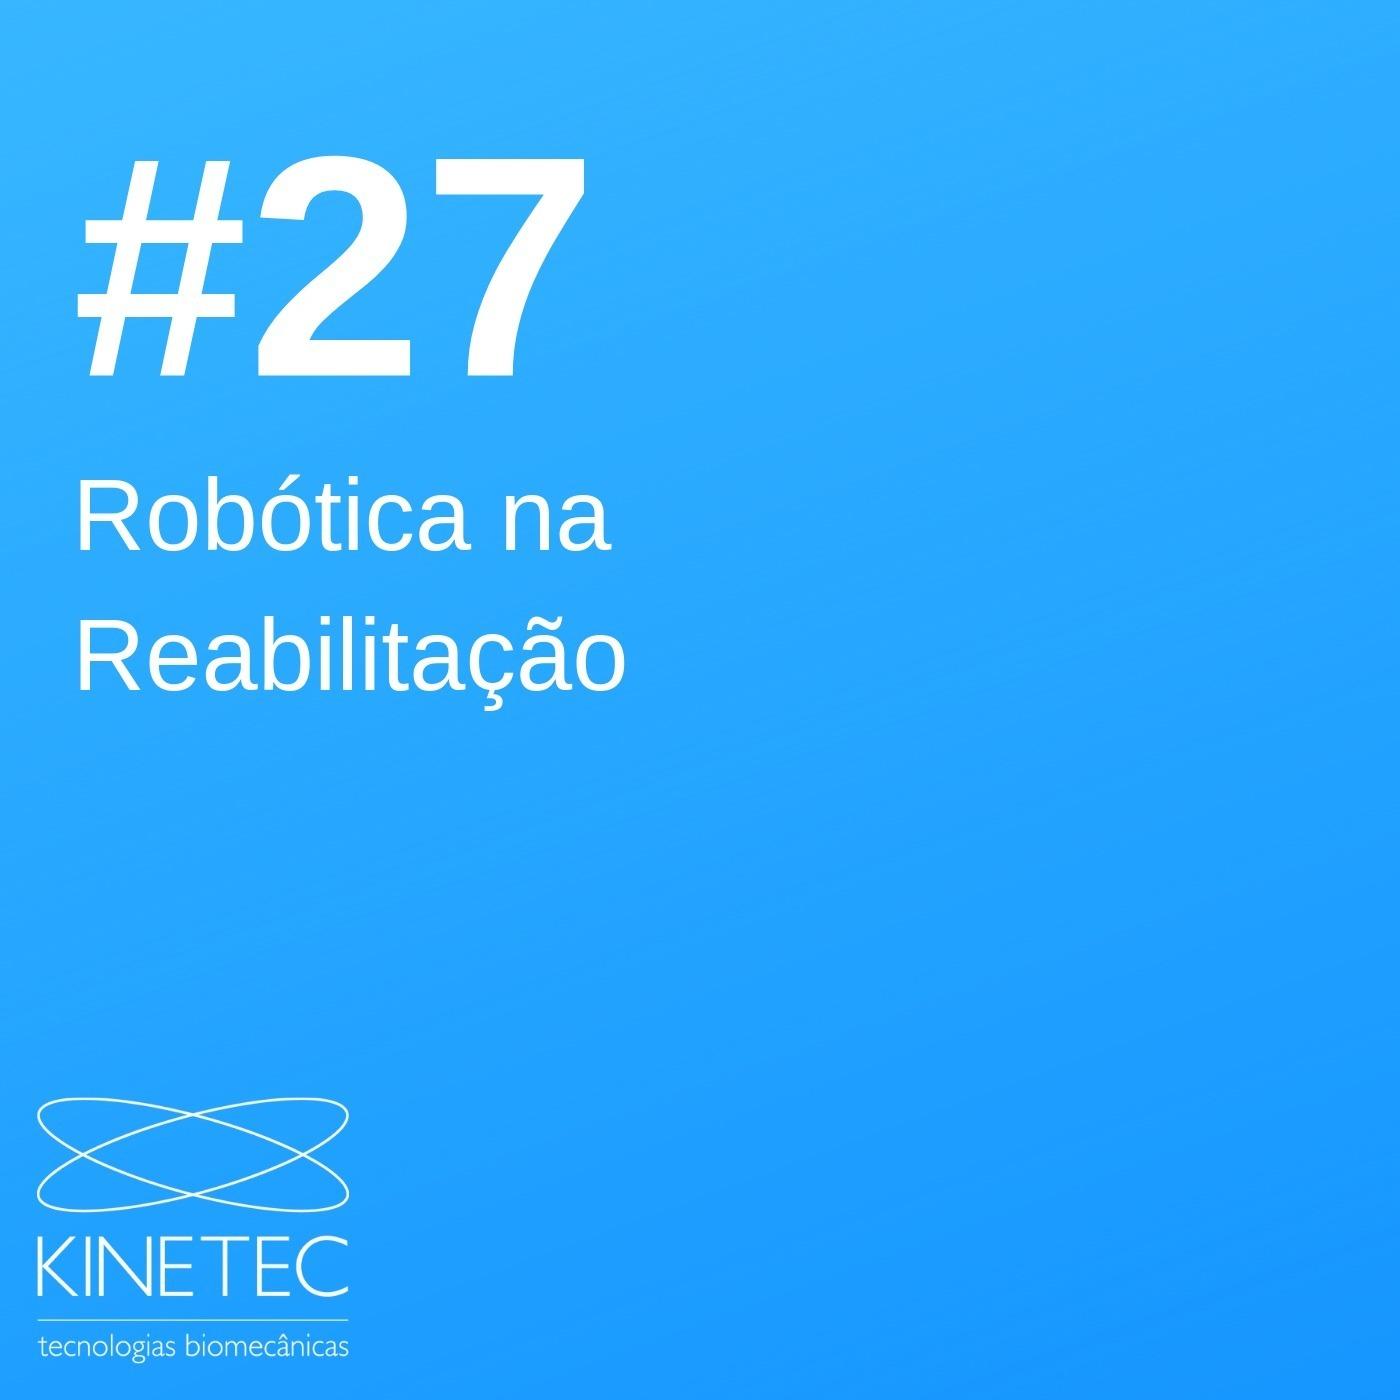 #027 Robótica na Reabilitação